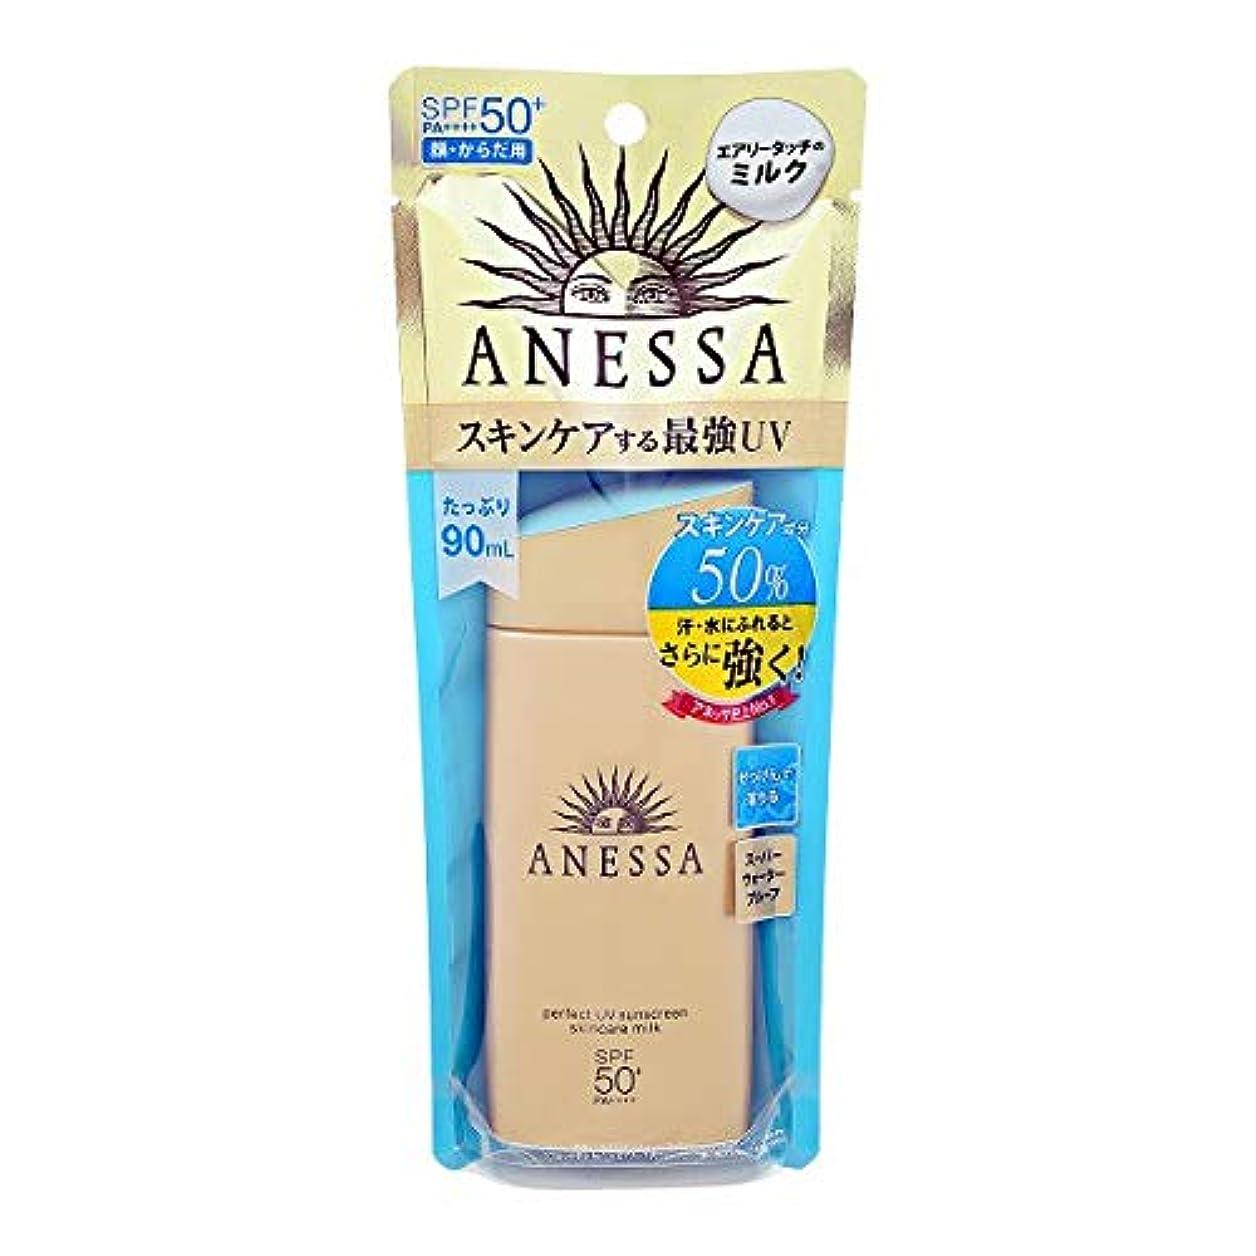 すなわち認証マカダムアネッサ(ANESSA) パーフェクトUV スキンケアミルク 90mL [ 日焼け止め ] [並行輸入品]